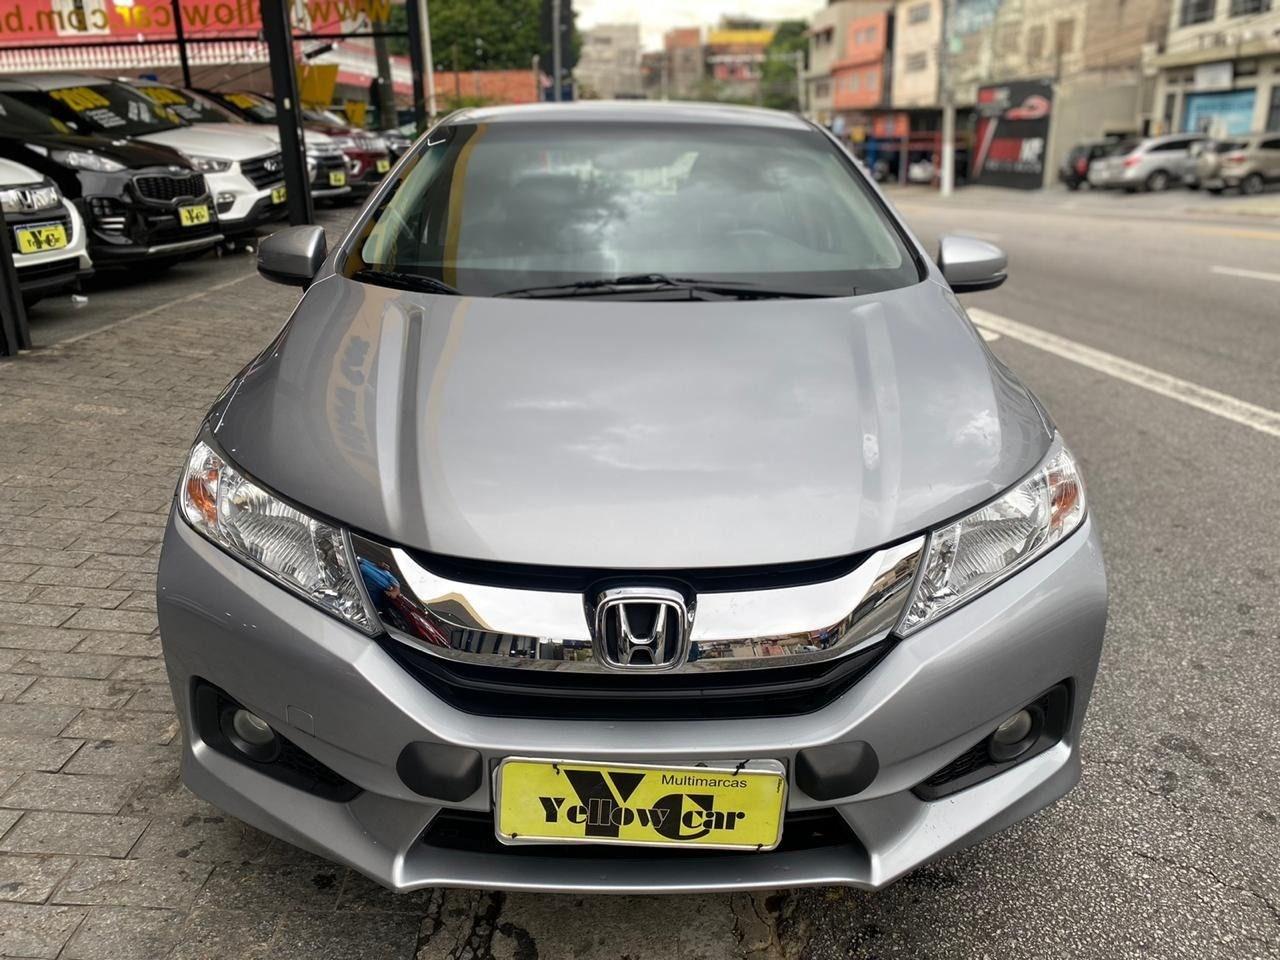 //www.autoline.com.br/carro/honda/city-15-exl-16v-flex-4p-cvt/2017/sao-paulo-sp/13375485